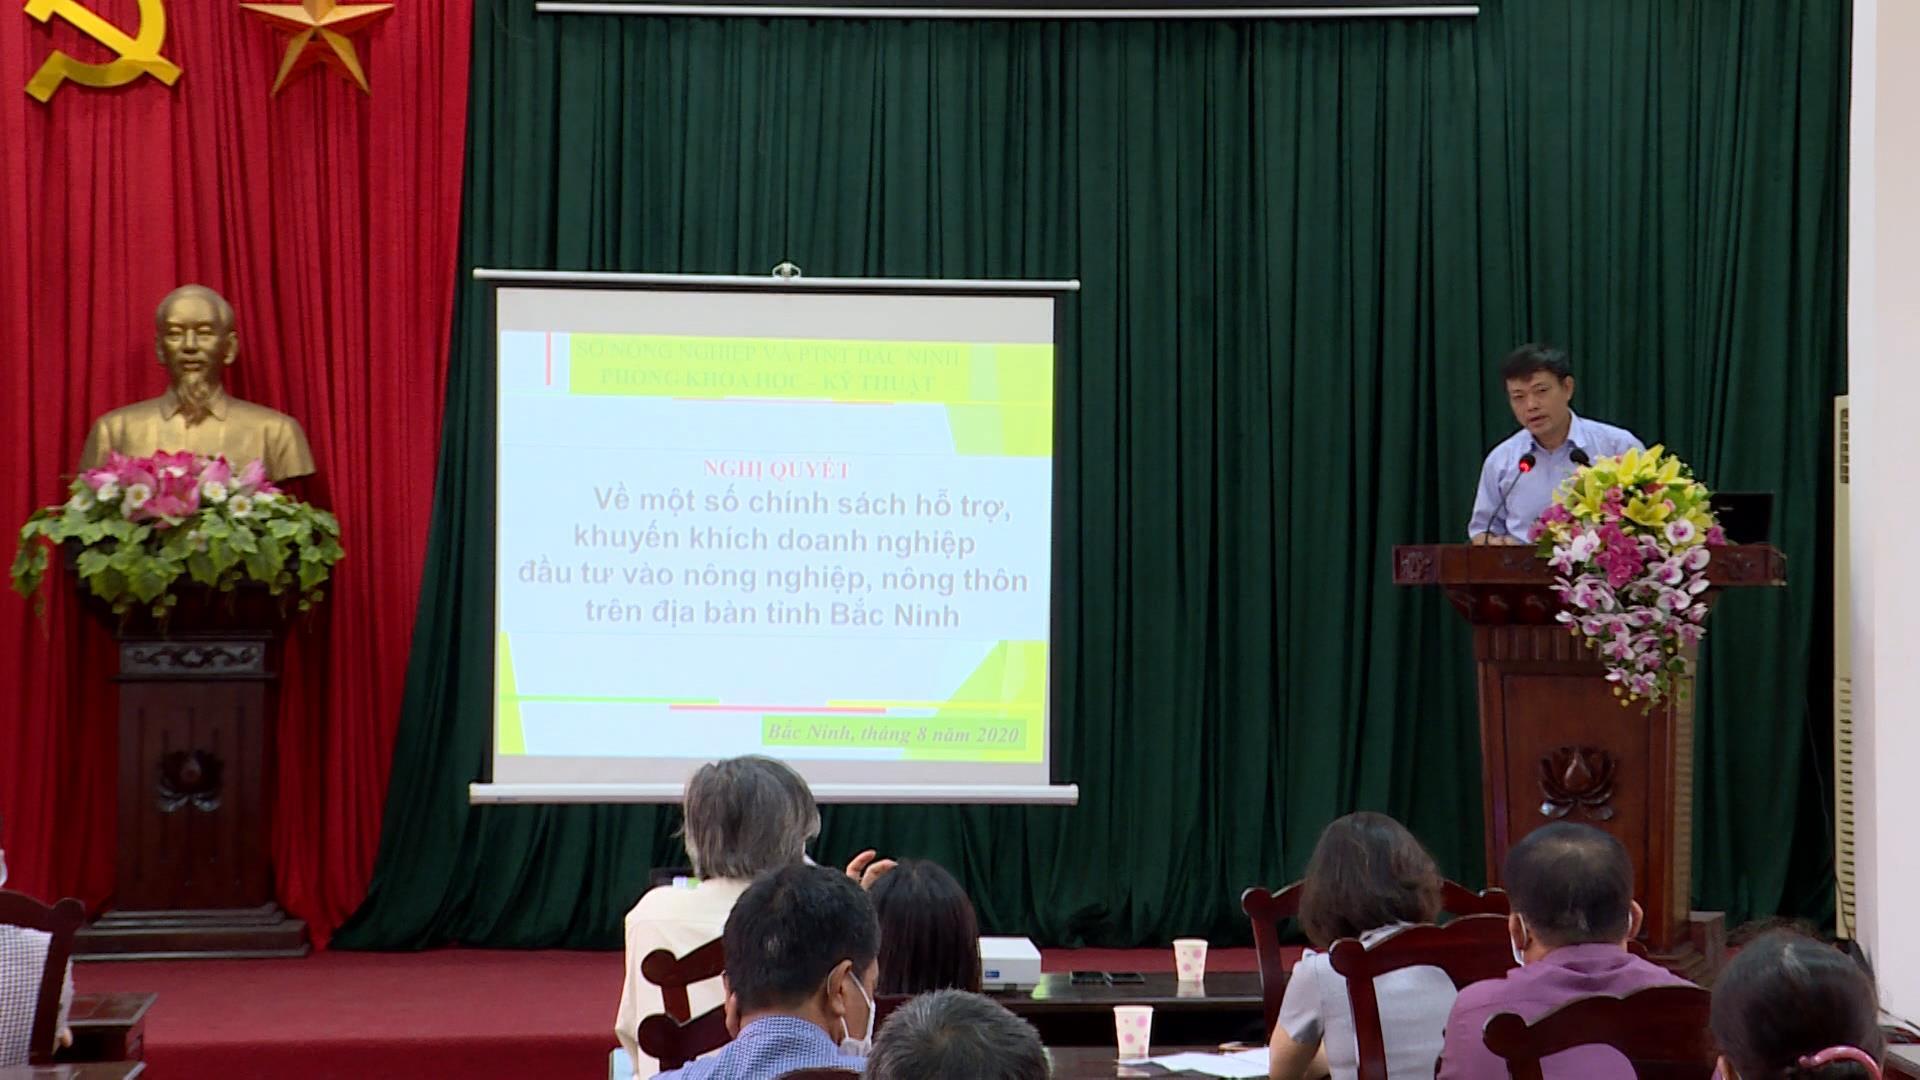 Tập huấn chính sách hỗ trợ phát triển kinh tế nông nghiệp